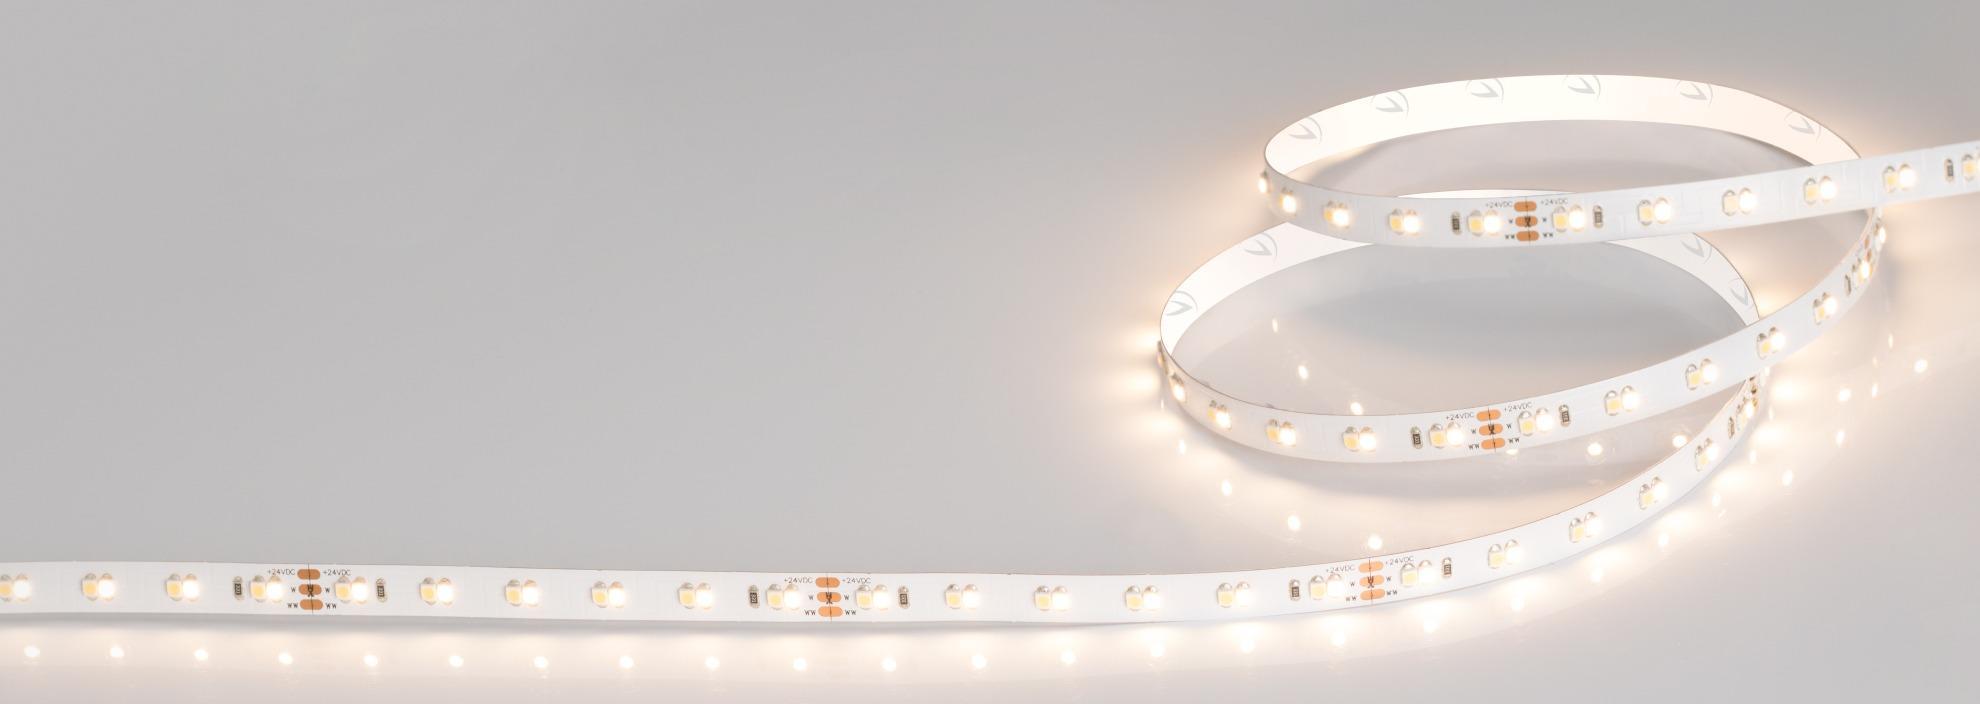 Уникальный светодизайн с лентами серии MIX! Возможность изменять цветовую температуру свечения от холодного белого до теплого белого.